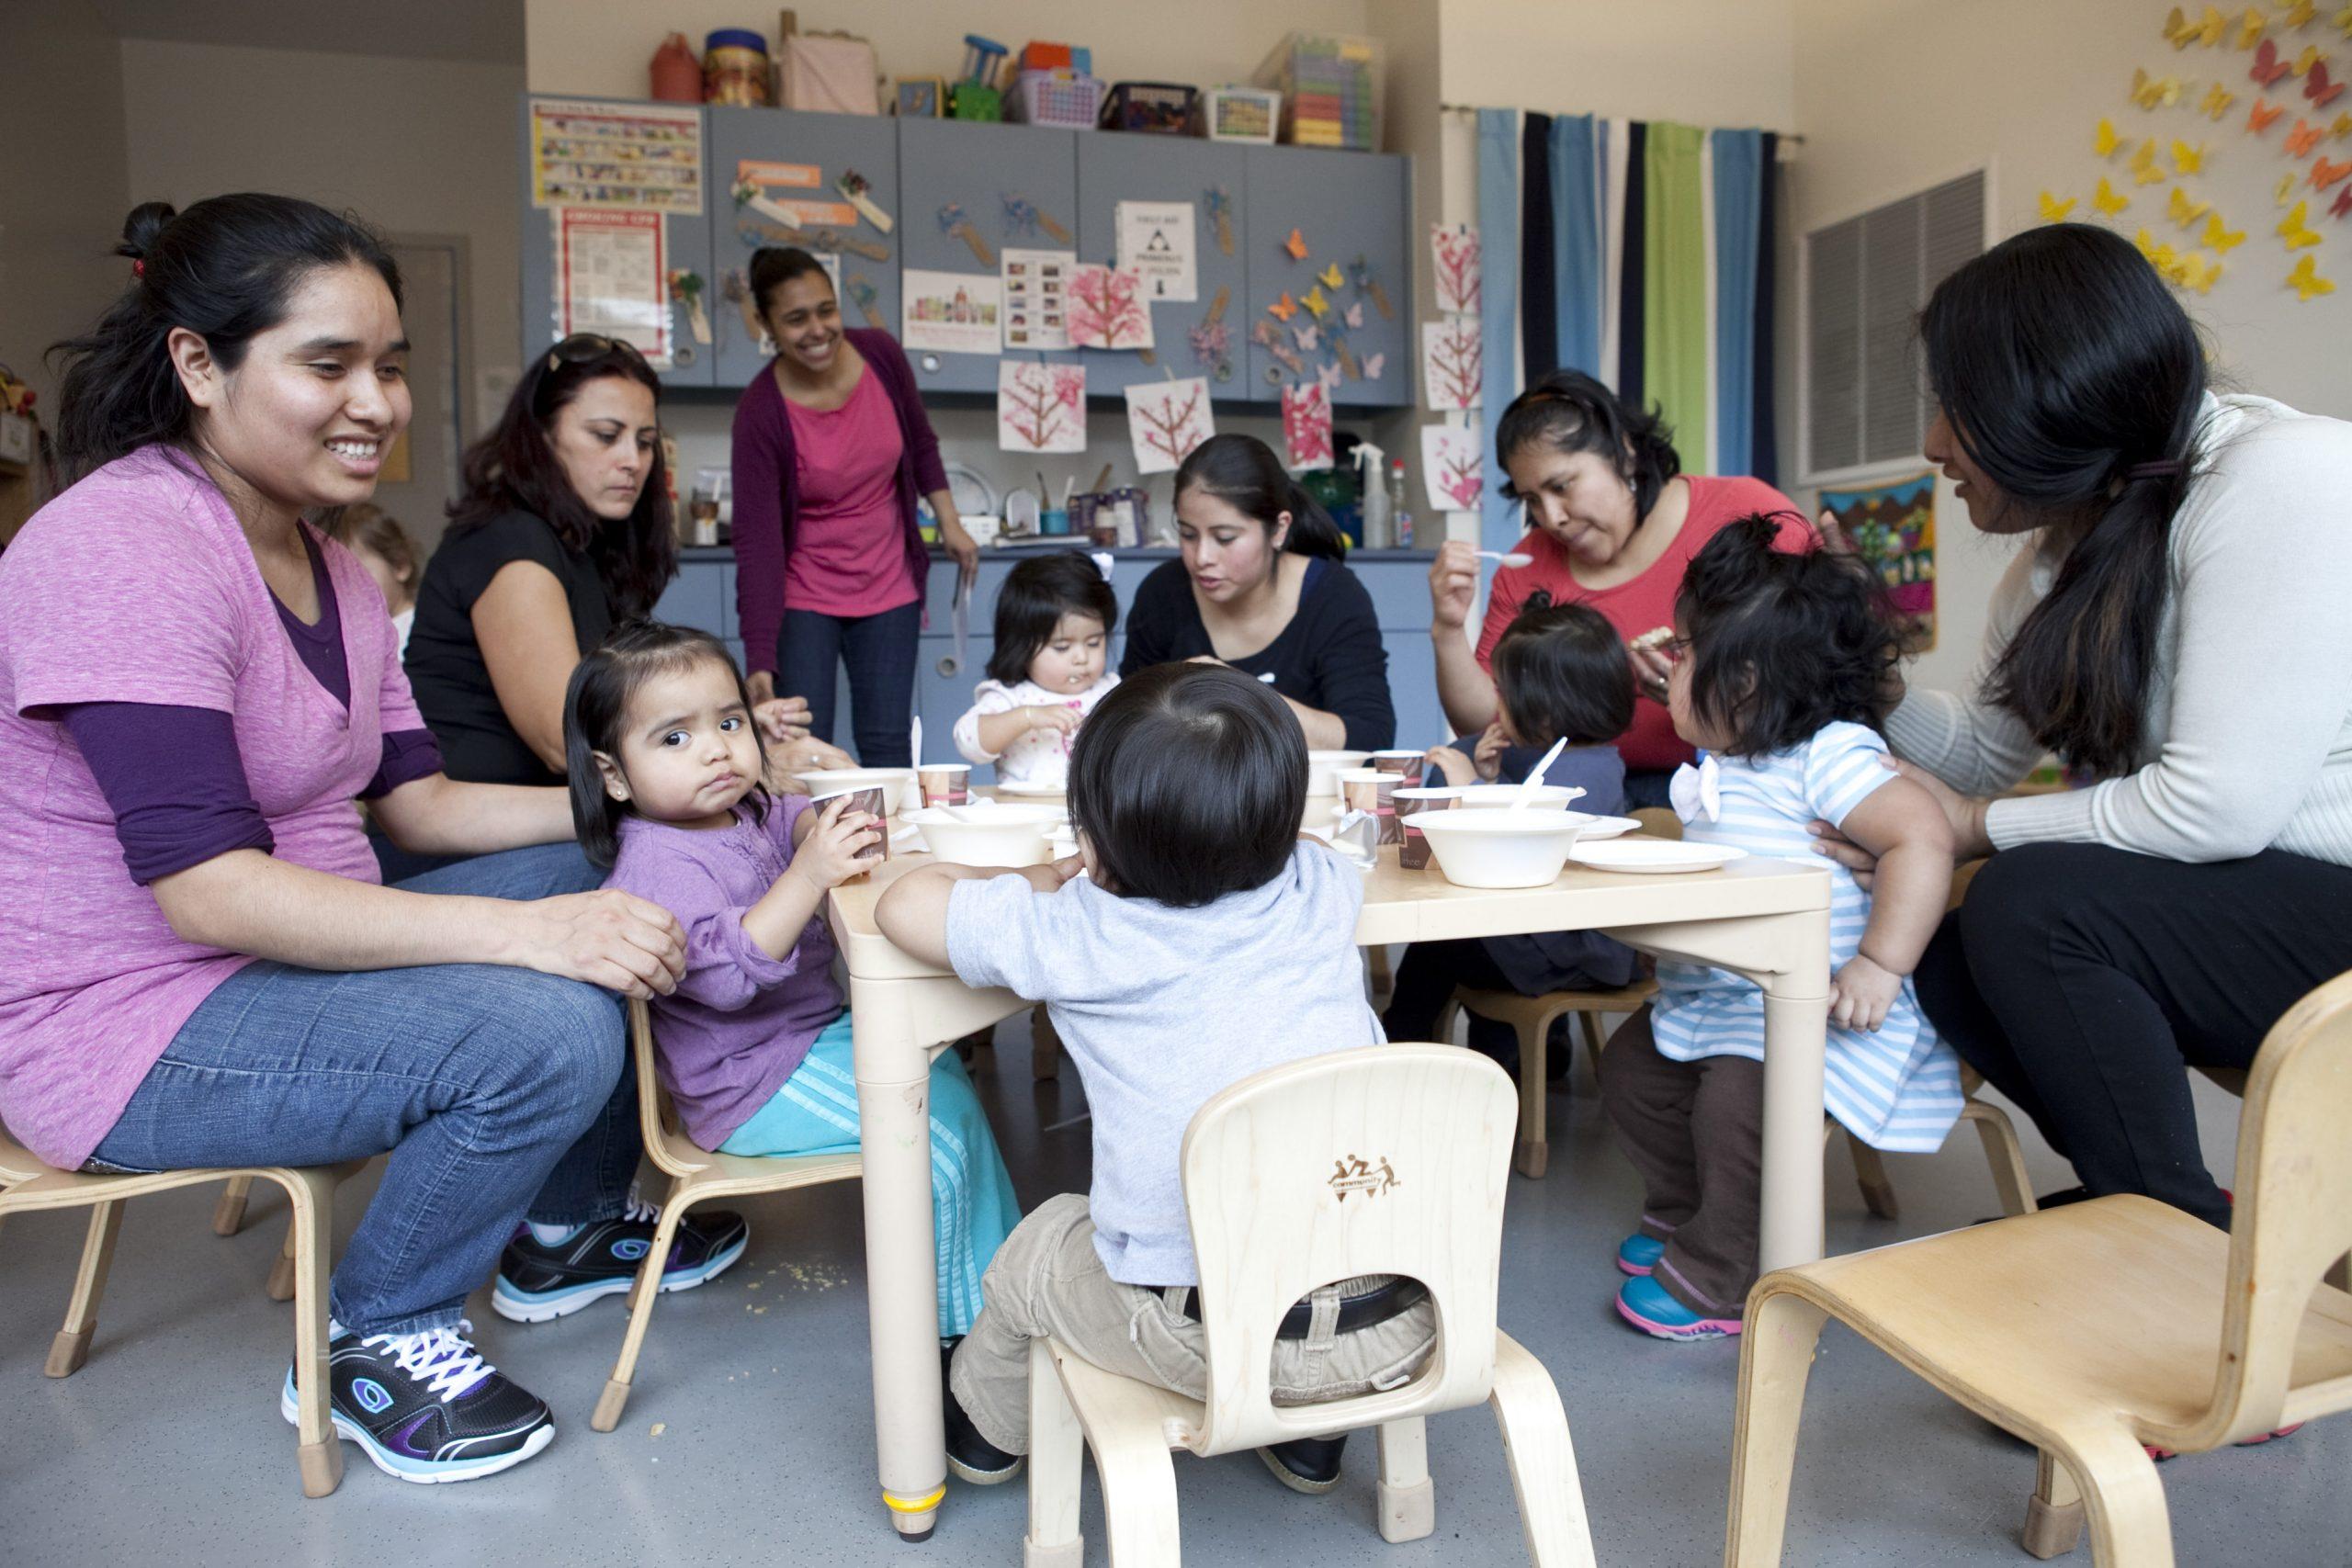 """Los desayunos en la sede del Servicio de Salud para Familias de LSA es una de las actividades que más extrañan las familias durante este cierre debido a la pandemia. Lo que ha impresionado siempre a la Hermana Suzanne, antes de la pandemia y ahora, es """"la fuerza y la valentía con las que las familias enfrentan tantos retos"""", incluso la falta de alimentos, la precariedad en la vivienda y el miedo a los agentes de inmigración. La Hermana señala que la misión de LSA llega a alcanzar anualmente cerca de diez mil personas con servicios tales como mercados, tiendas de segunda mano, ayuda legal y un programa ambiental que les ayuda a adaptar hogares más seguros para los niños de East Harlem, en donde prevalece un alto índice de infecciones respiratorias y asma. (Foto de LSA)"""